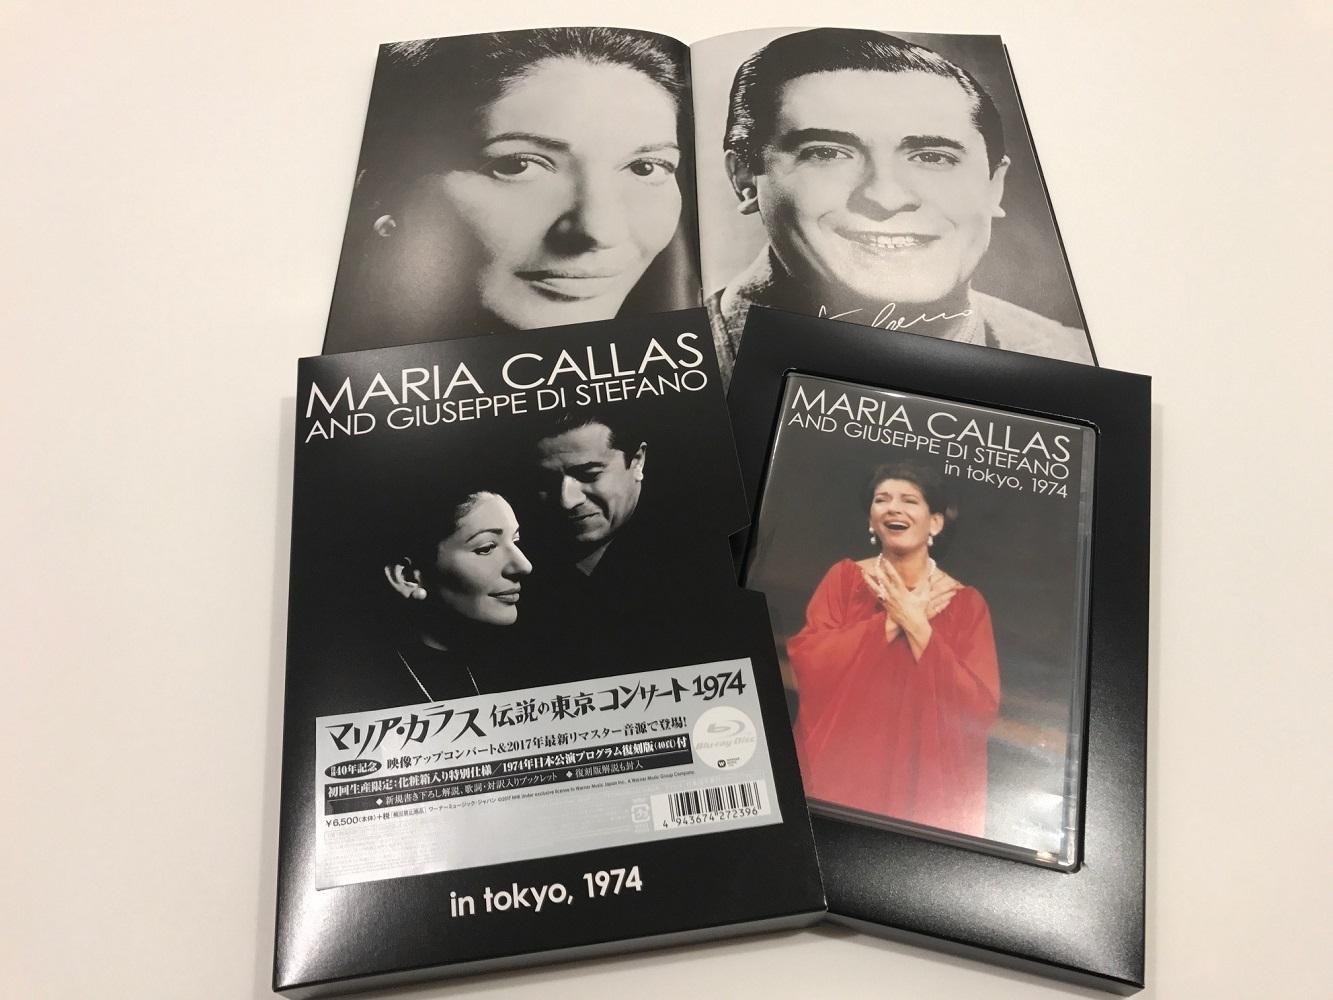 『マリア・カラス 伝説の東京コンサート1974』展開写真